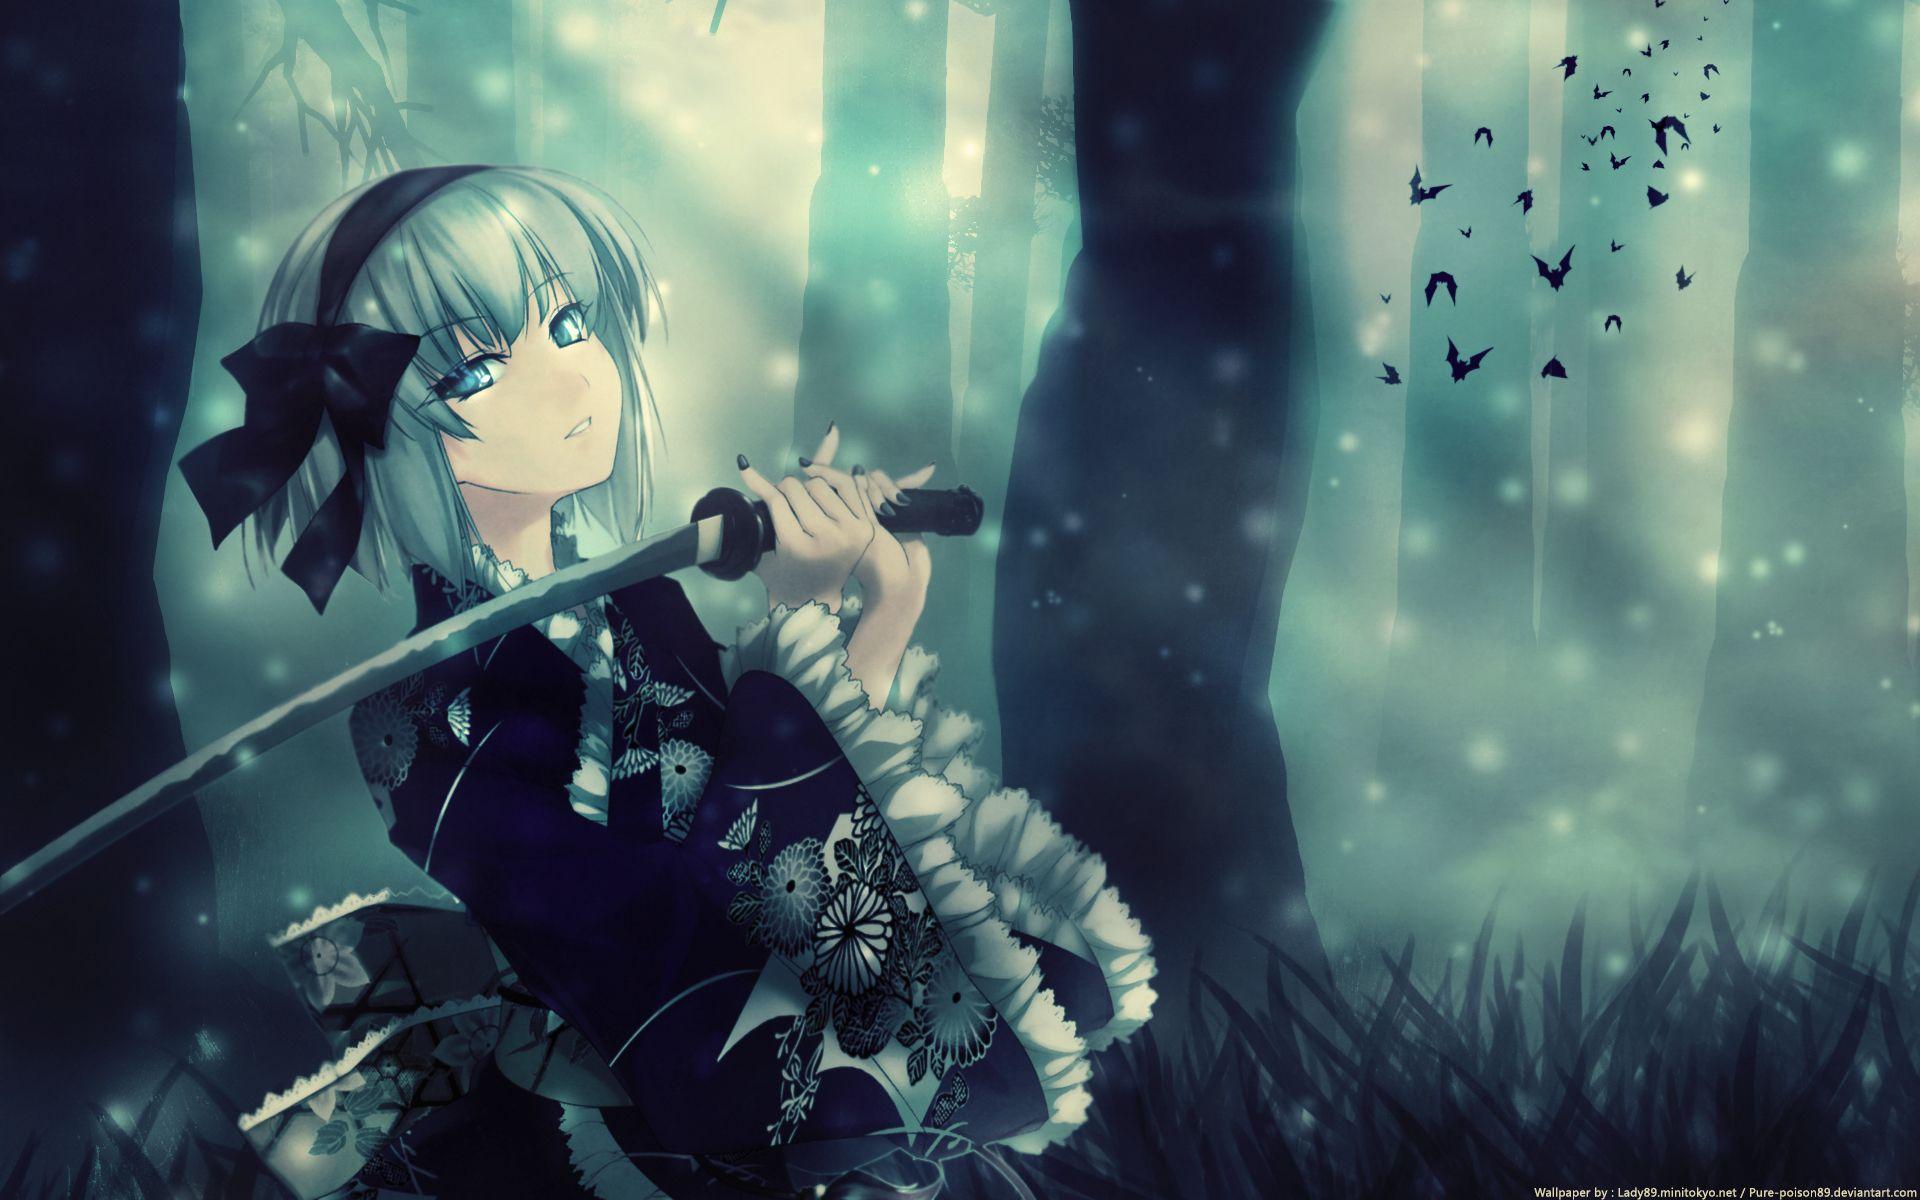 AsukaRei Wallpaper HD by Artgerm on DeviantArt